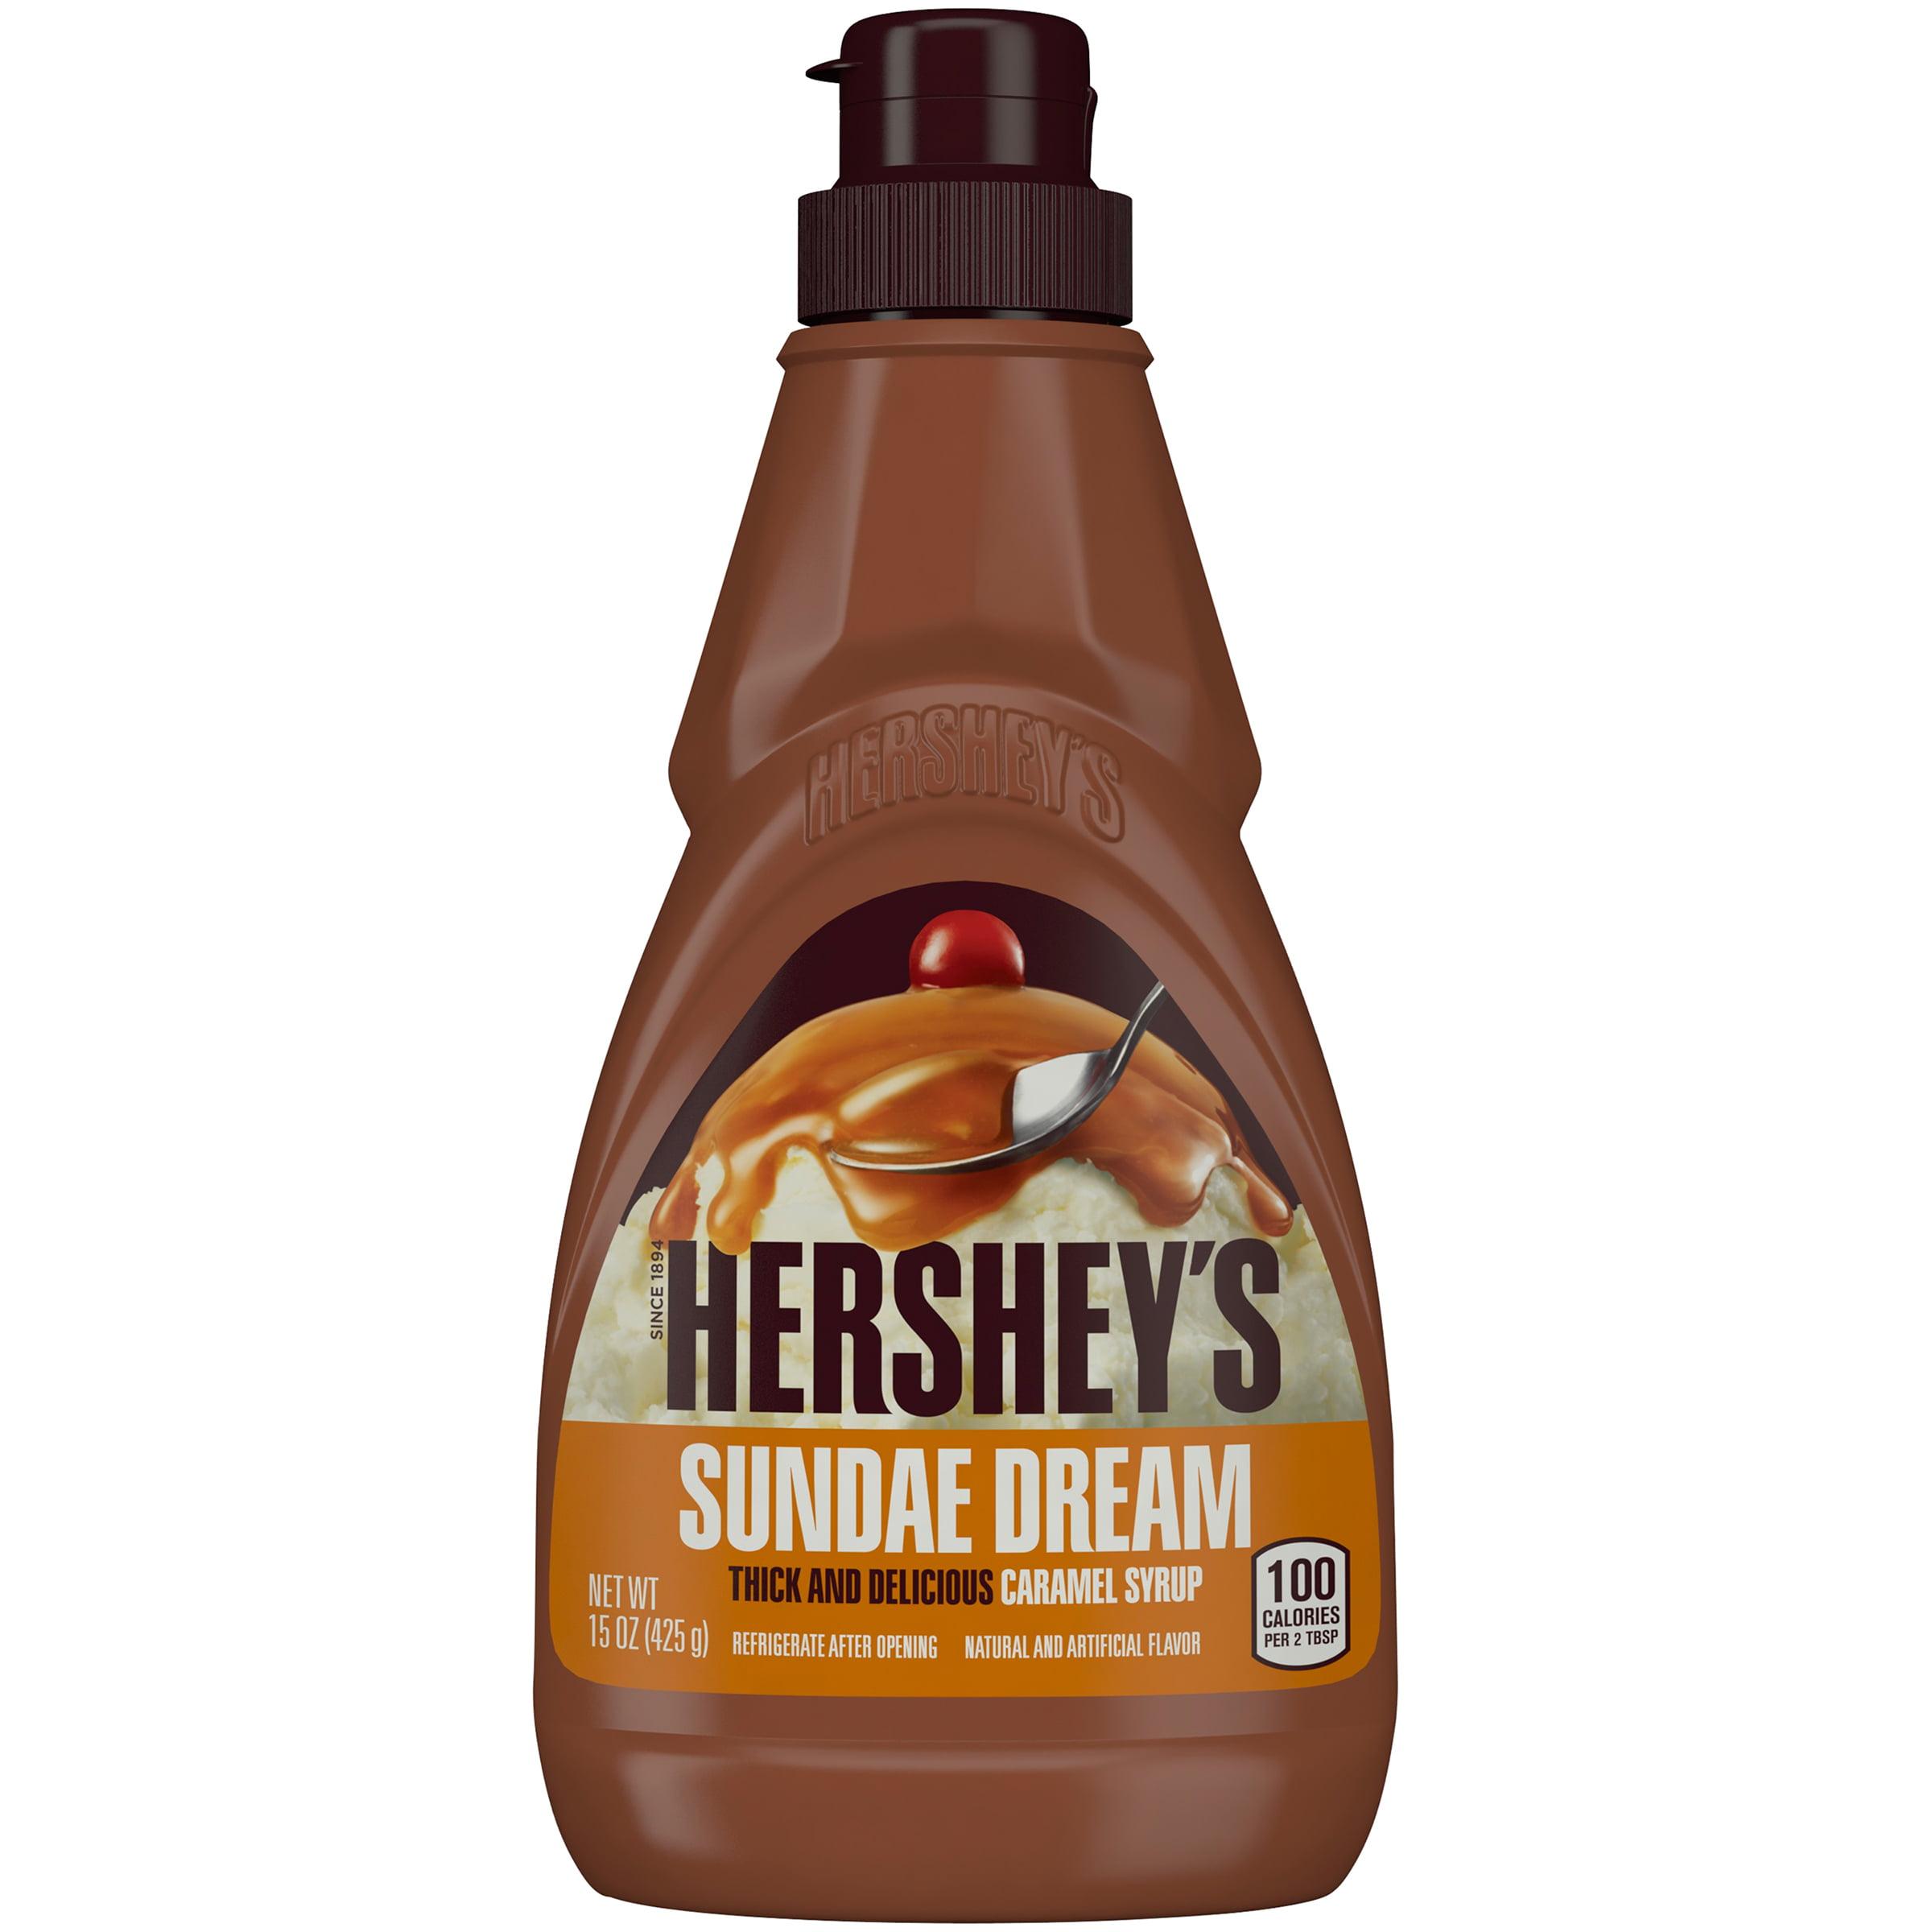 (2 Pack) HERSHEY'S SUNDAE DREAM Caramel Syrup, 15 oz